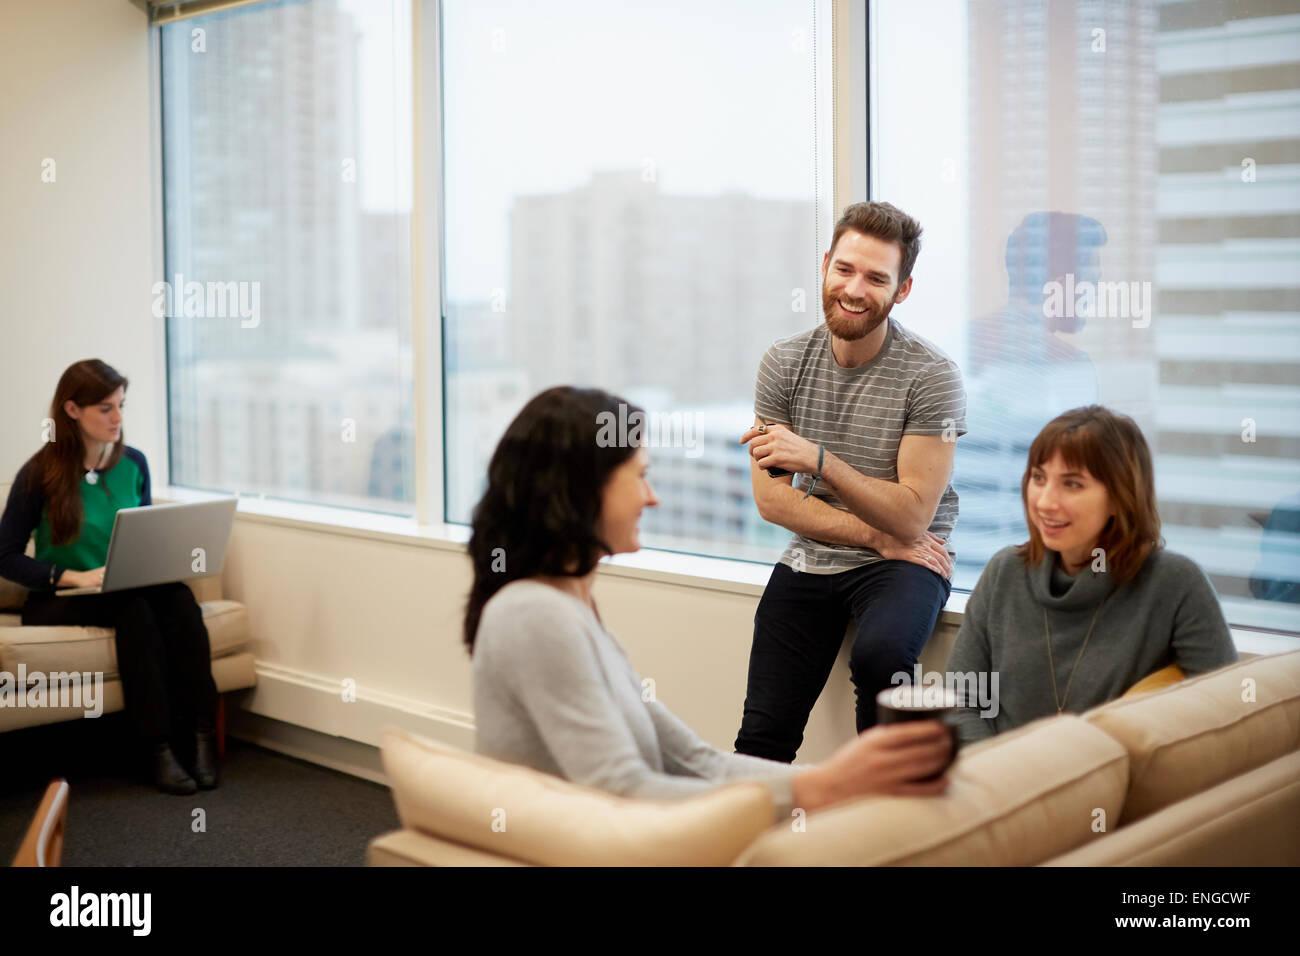 Tres personas por una ventana en una oficina, dos mujeres y un hombre. Imagen De Stock